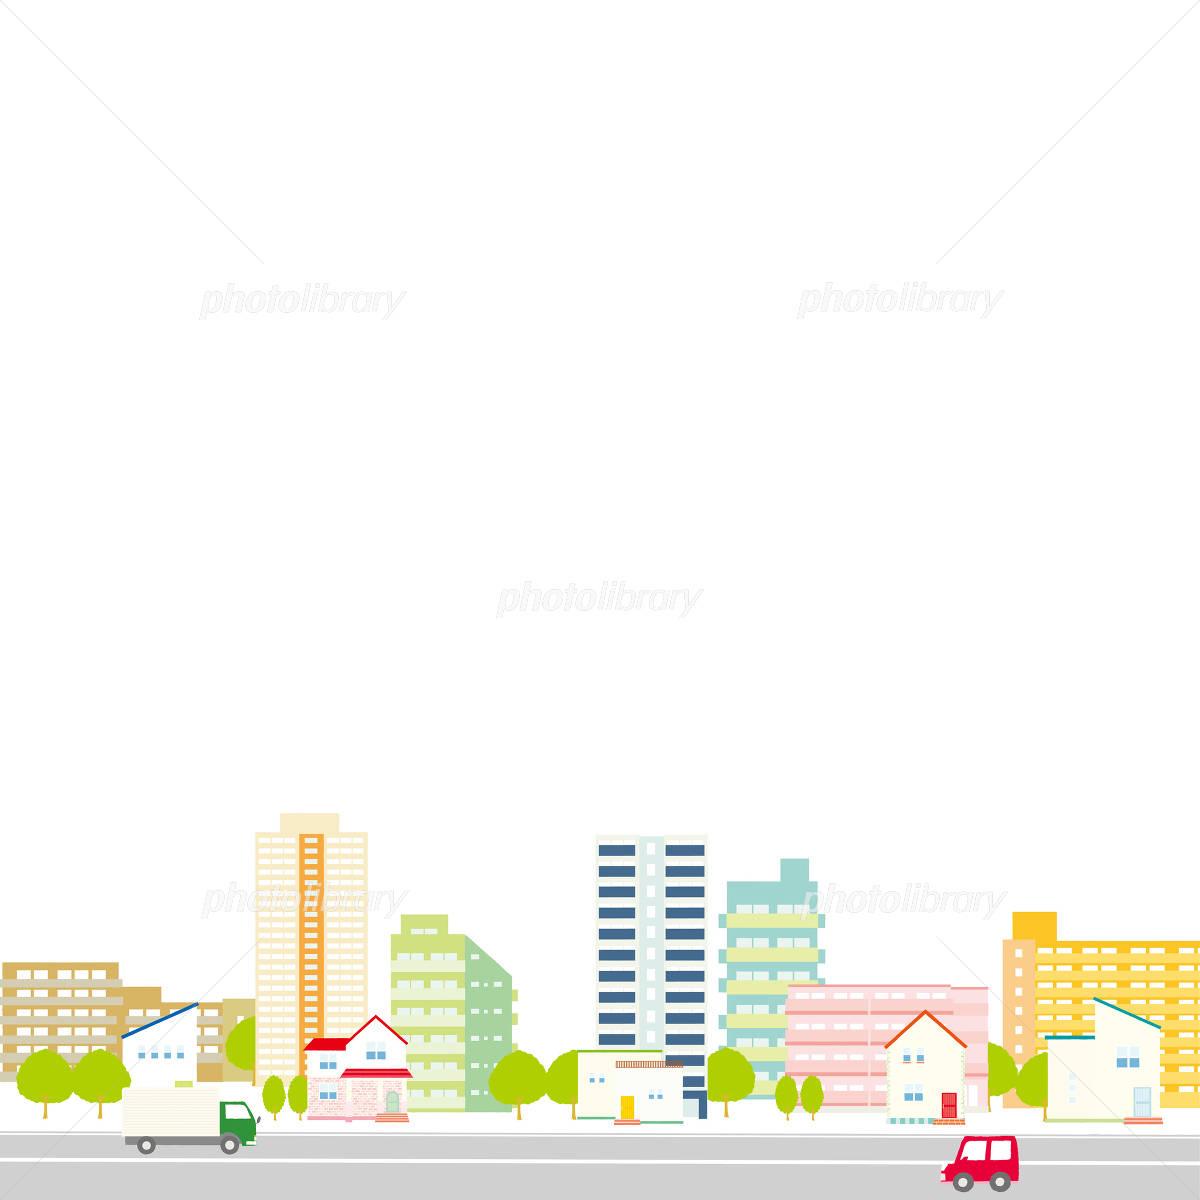 町並み イラスト イラスト素材 4831476 フォトライブラリー